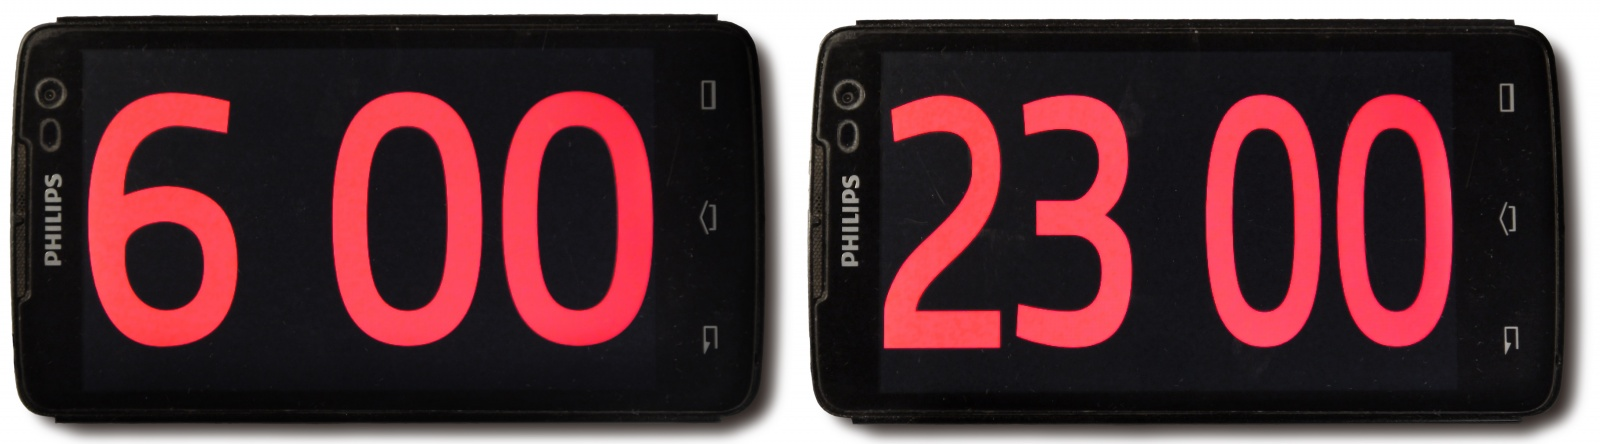 Красивые точные часы из старого смартфона - 16